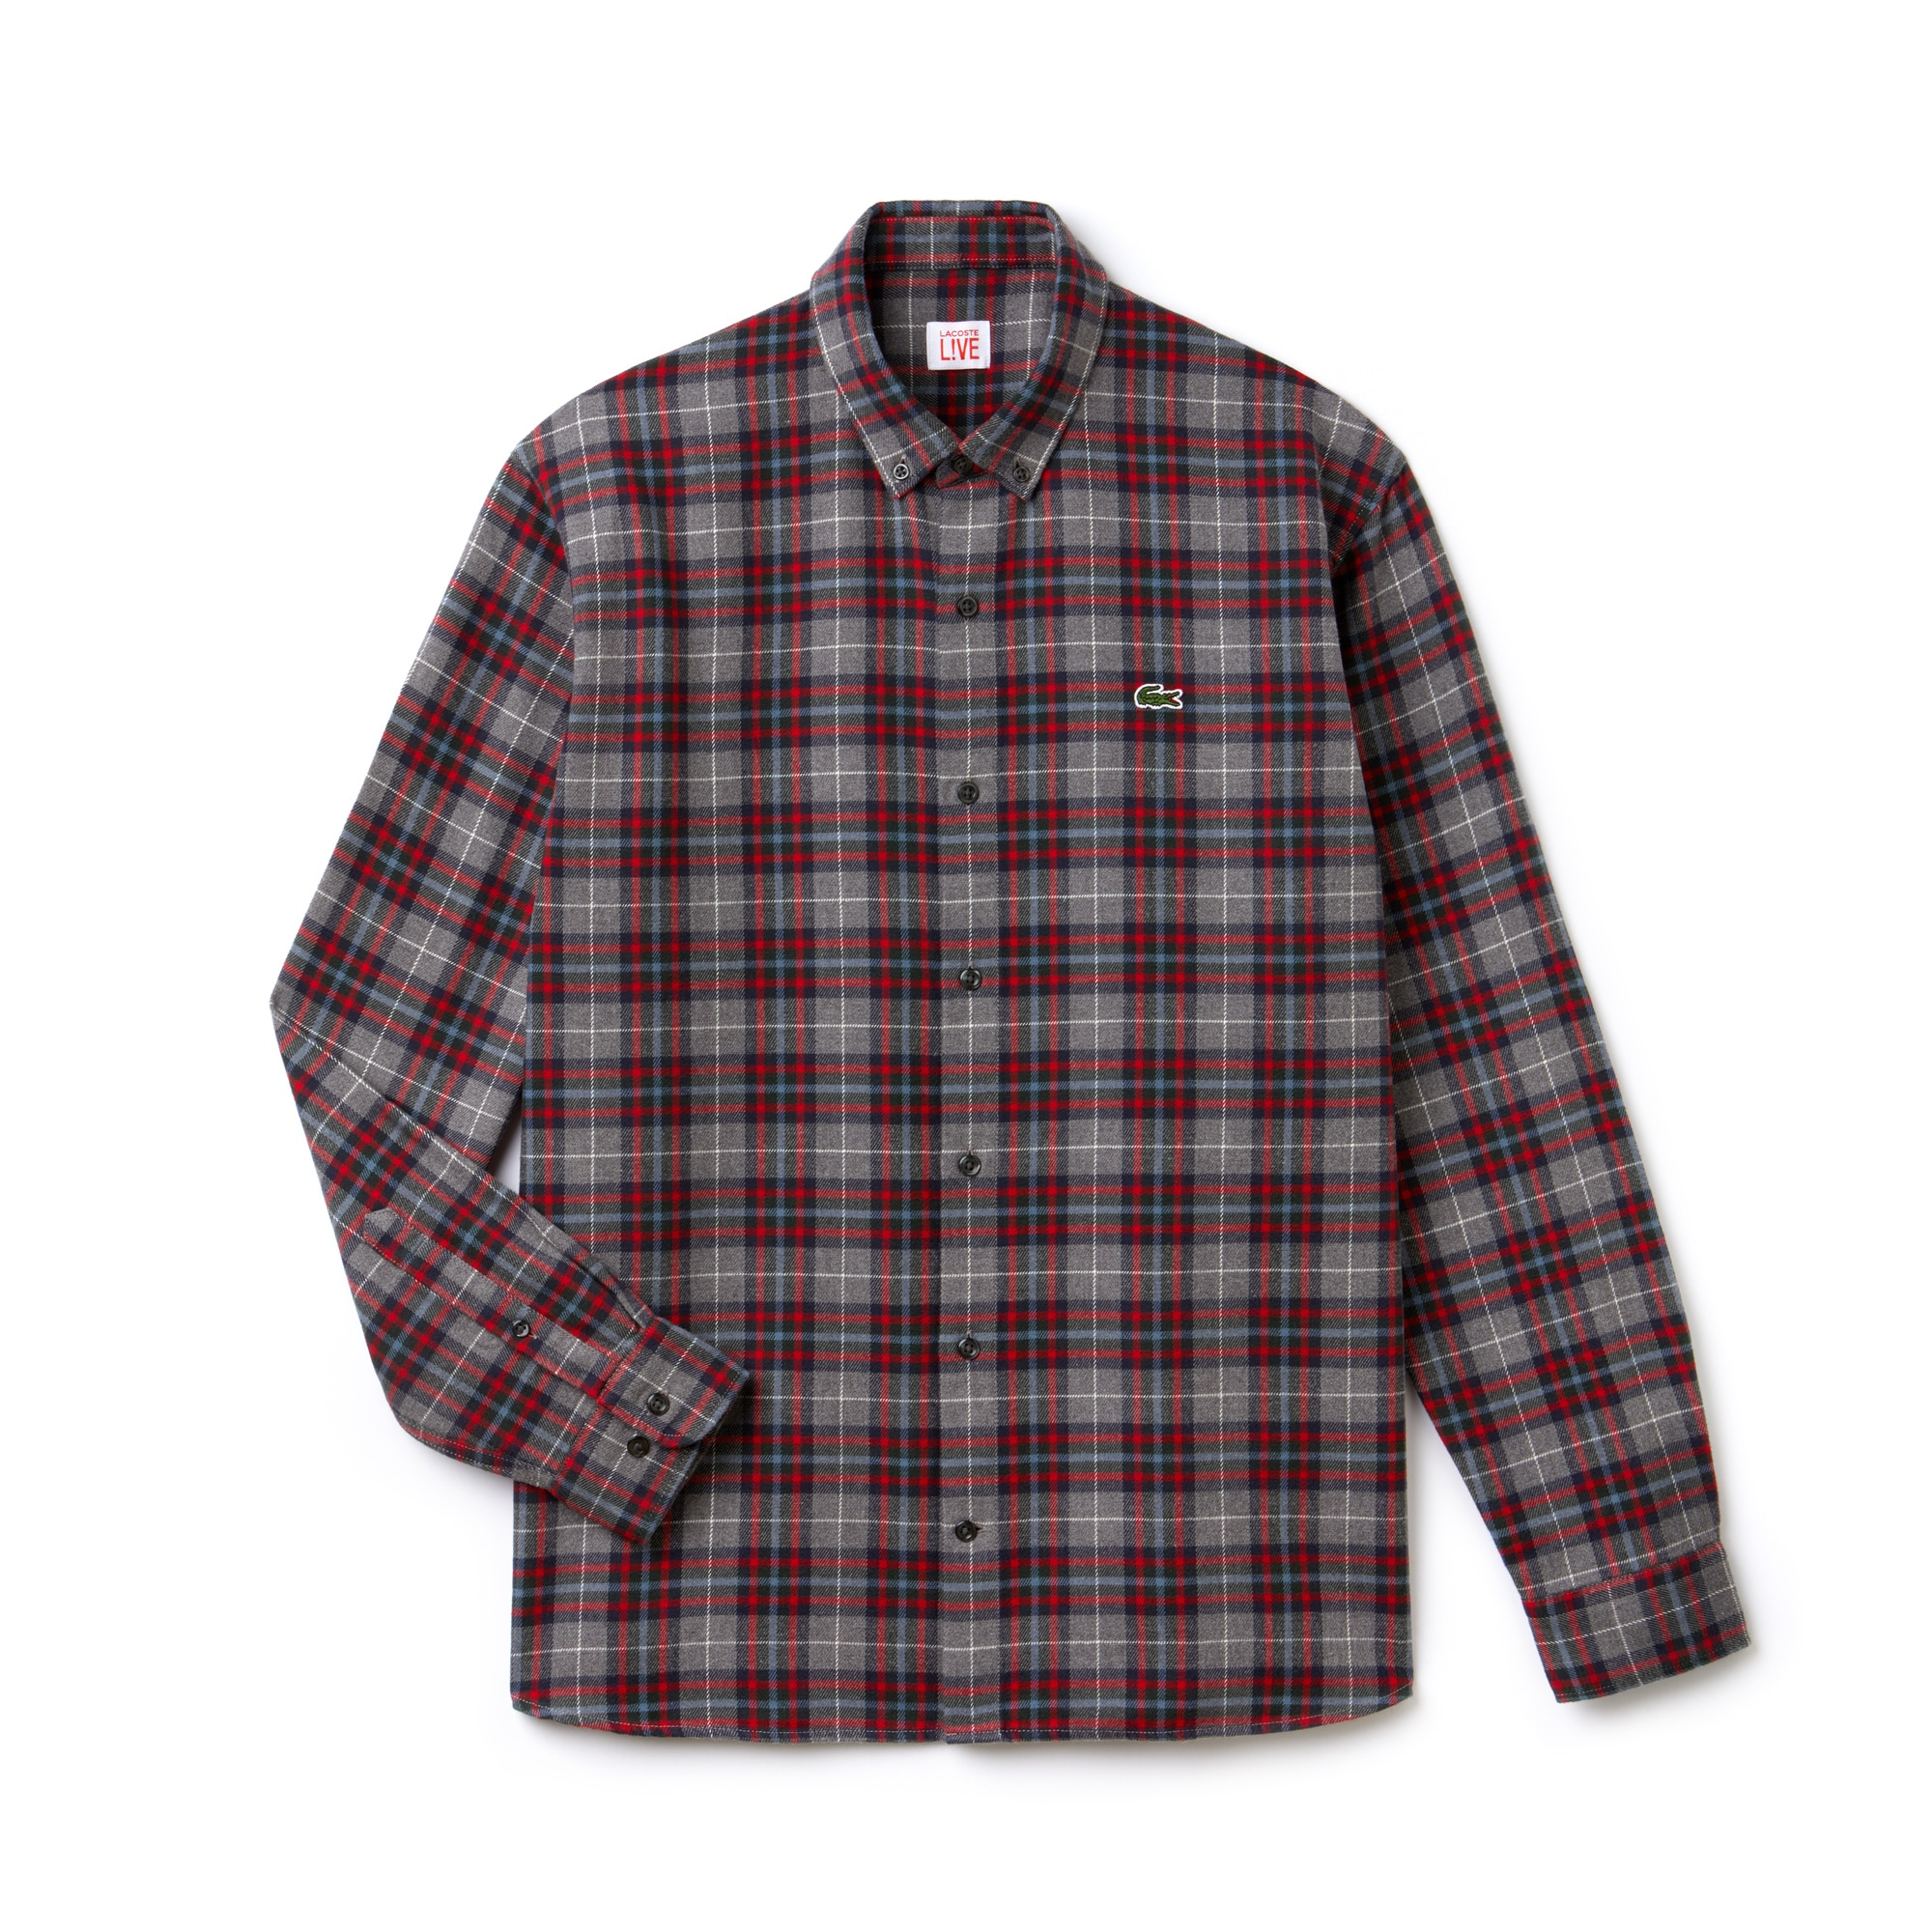 Men's Lacoste LIVE Boxy Fit Check Cotton Flannel Shirt